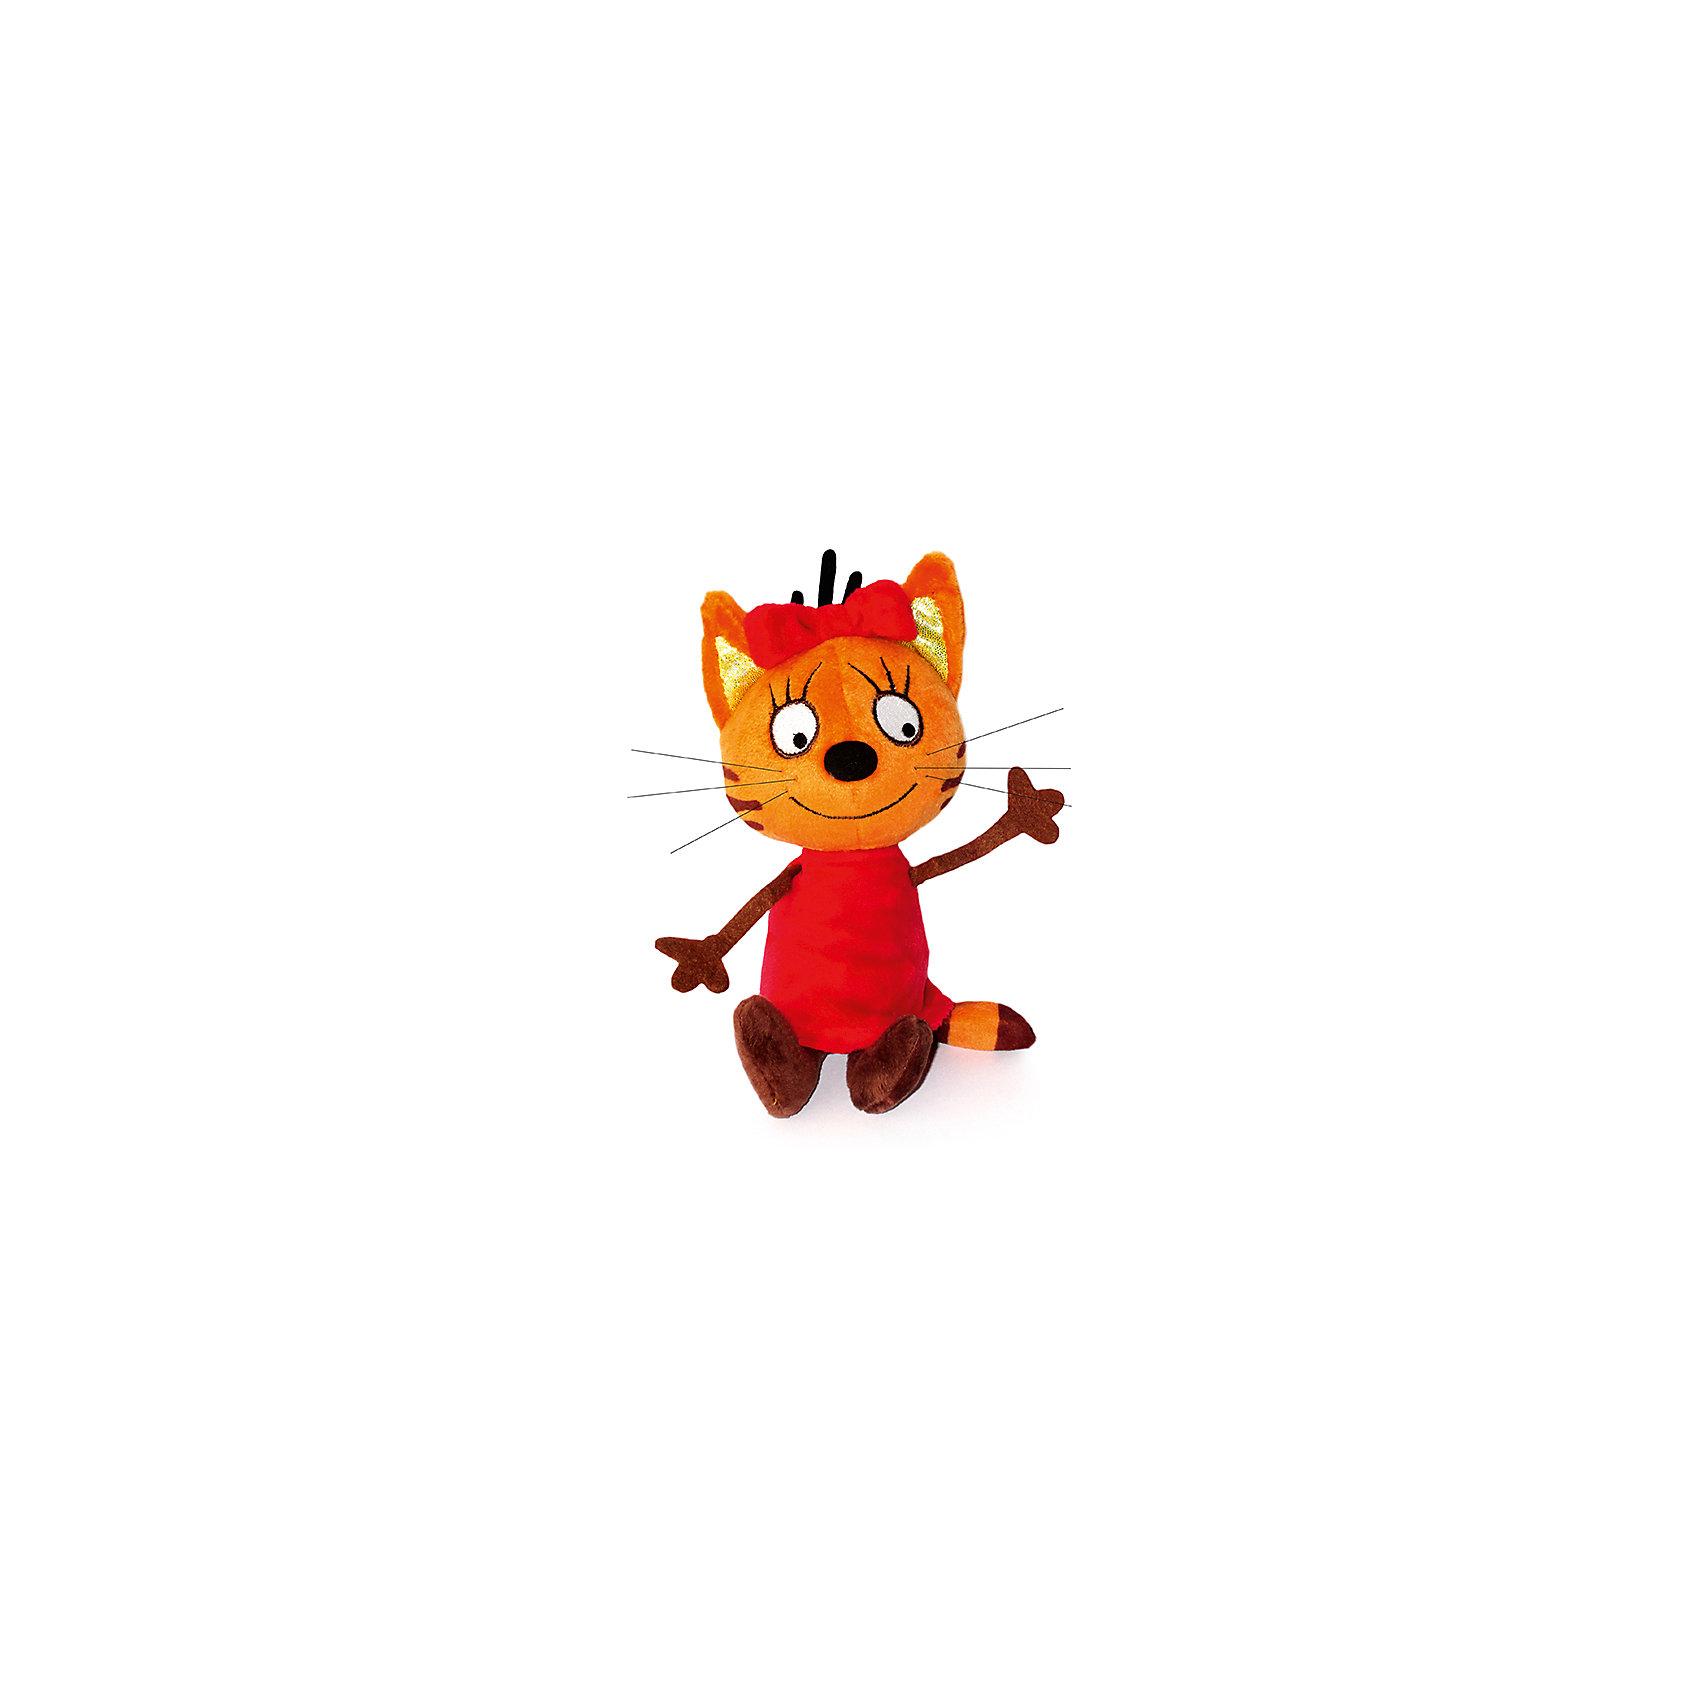 Мягкая игрушка Карамелька, 3 Кота, Мульти-Пульти, 13 смМягкие игрушки из мультфильмов<br>Мягкая игрушка Мульти-пульти Карамелька из любимого мультфильма 3 кота станет прекрасным подарком для вашего ребёнка. Кот Компот скажет несколько фраз и споет веселую песенку. Он совсем небольшой, поэтому ребёнок сможет брать его на прогулку или в путешествие. Игрушка сделана из безопасного для детей материала.<br><br>Характеристика:<br>-Размер: 13 см<br>-Вес: 80 г<br>-Материал: текстиль,пластмасса<br>-Возраст: от 3 до 7 лет<br>-Марка: Мульти-пульти<br>Мягкая игрушка Карамелька, 3 Кота, Мульти-Пульти, 13 см<br> вы можете приобрести в нашем интернет-магазине.<br><br>Ширина мм: 70<br>Глубина мм: 270<br>Высота мм: 200<br>Вес г: 80<br>Возраст от месяцев: 36<br>Возраст до месяцев: 2147483647<br>Пол: Унисекс<br>Возраст: Детский<br>SKU: 5002200